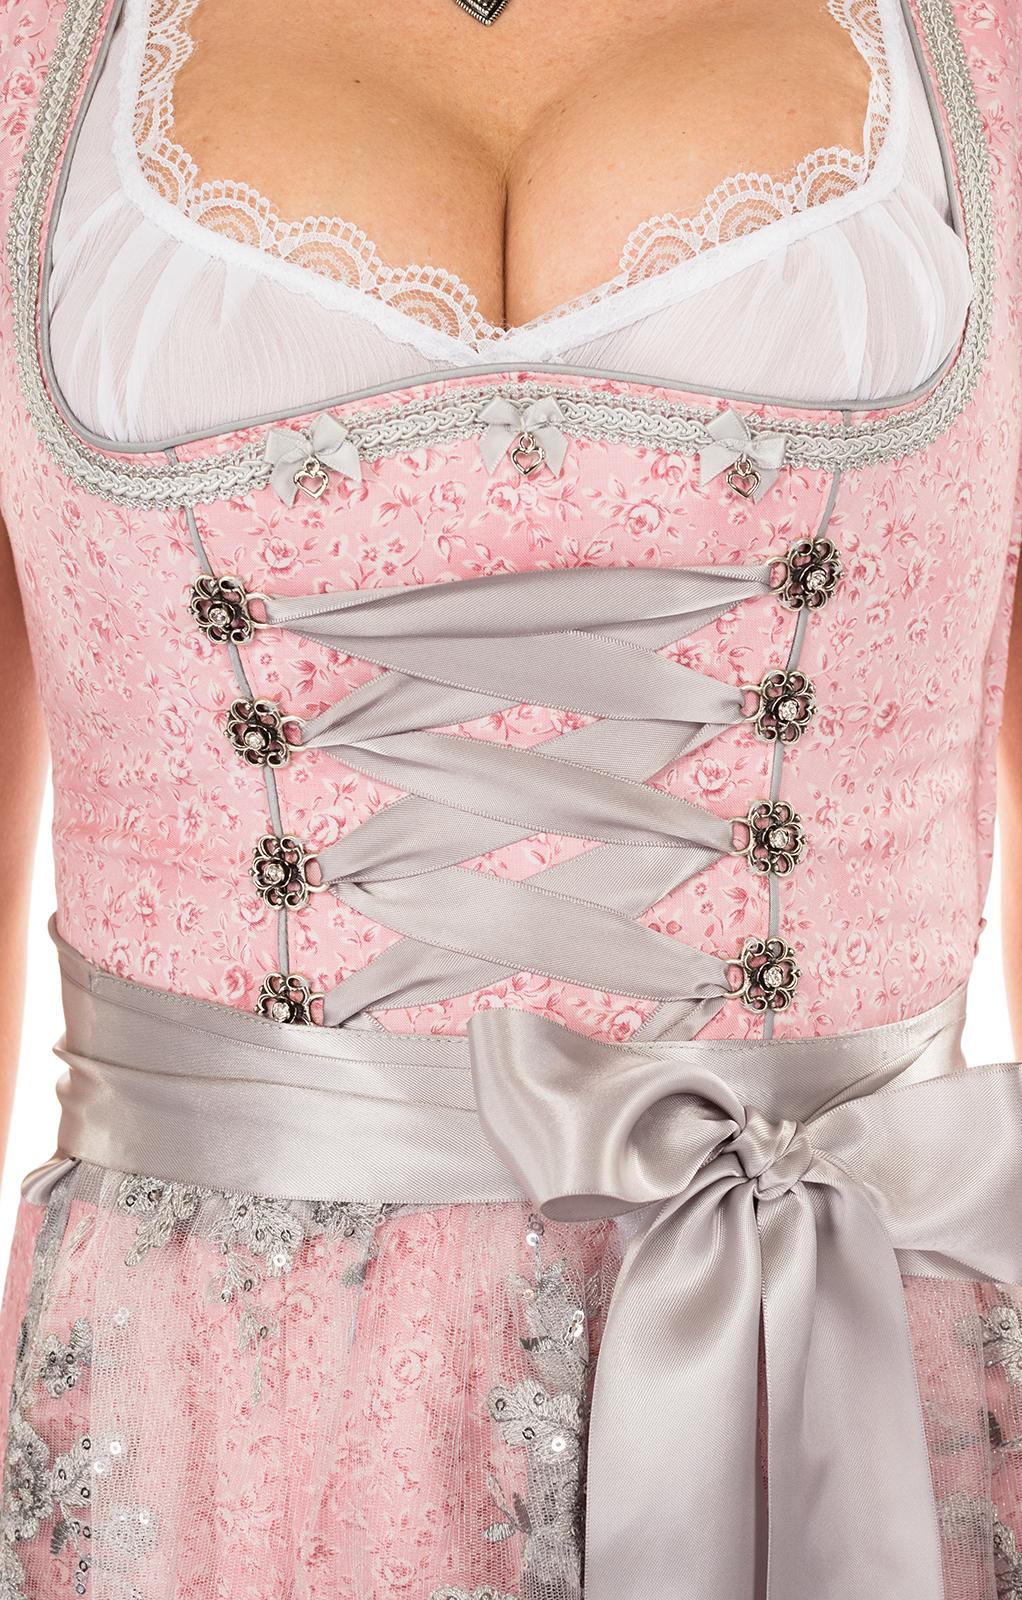 weitere Bilder von Minidirndl 2 delig 55 cm BEATA roze zilver